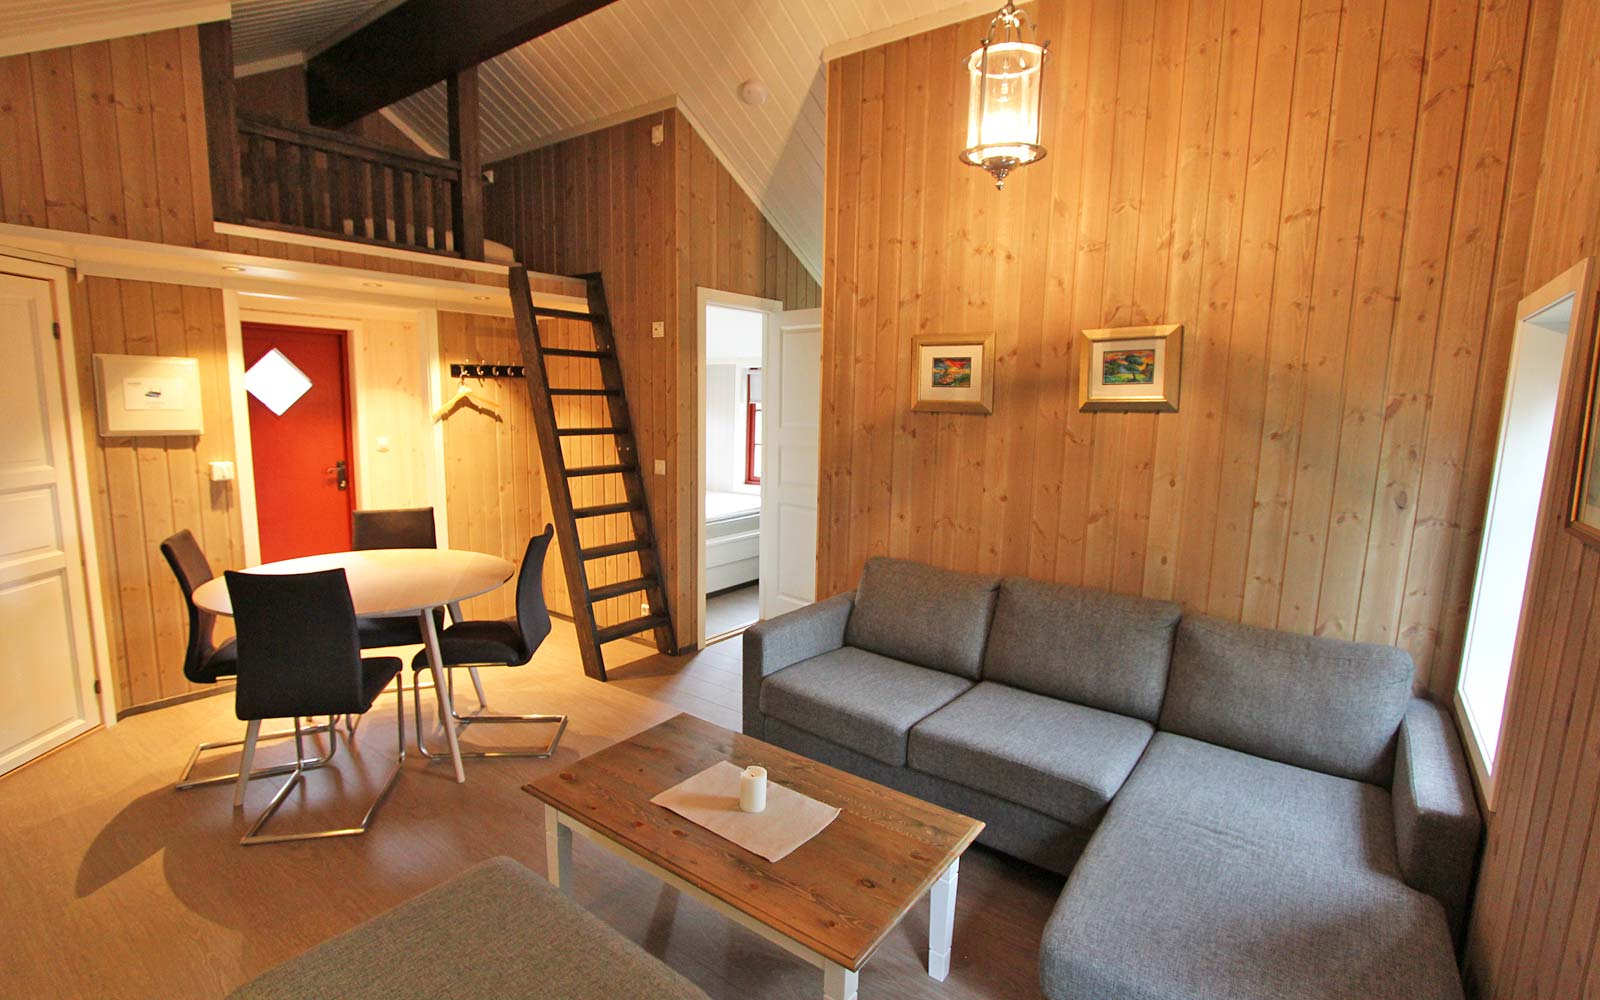 Stue 3 i leiligheten Smørbukk - Sjumilskogen booking Trysil